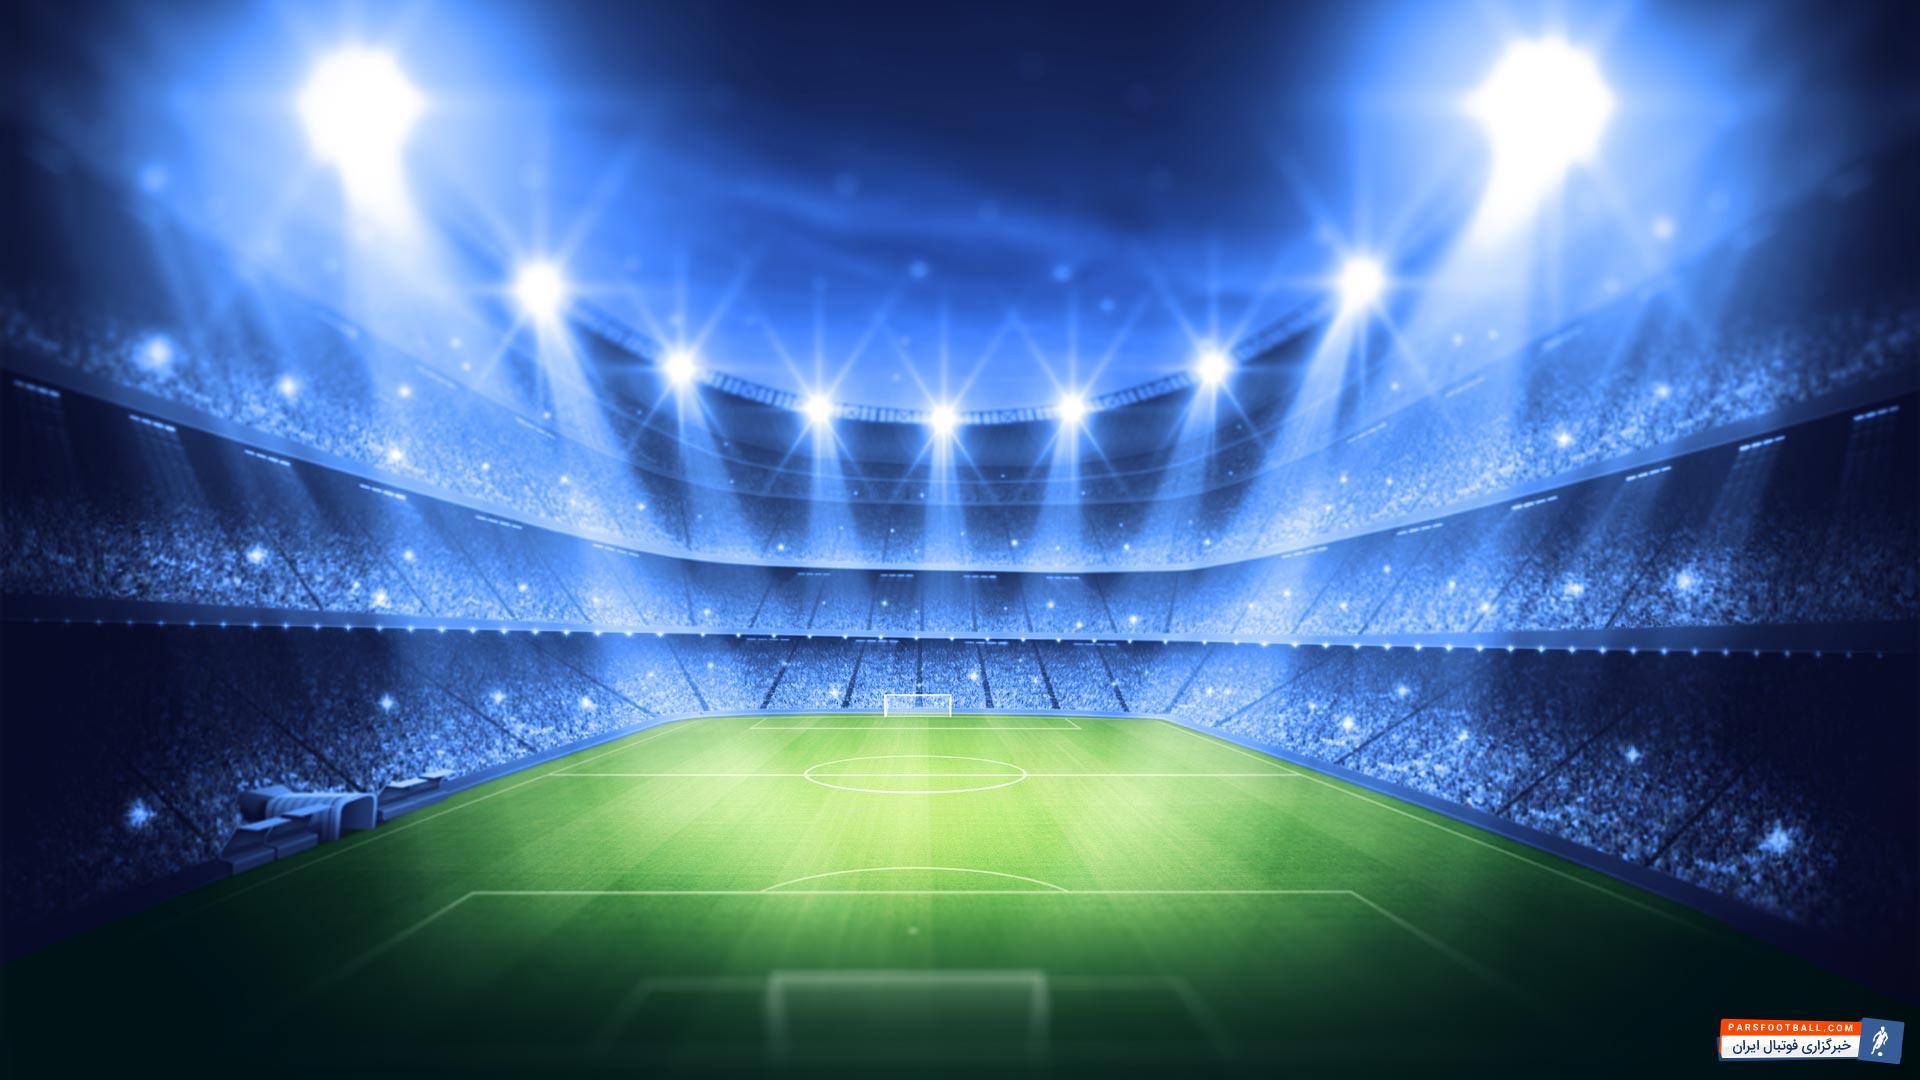 لیگ قهرمانان اروپا ؛ عکس ؛ تیم منتخب دور رفت مرحله یک چهارم نهایی لیگ قهرمانان اروپا